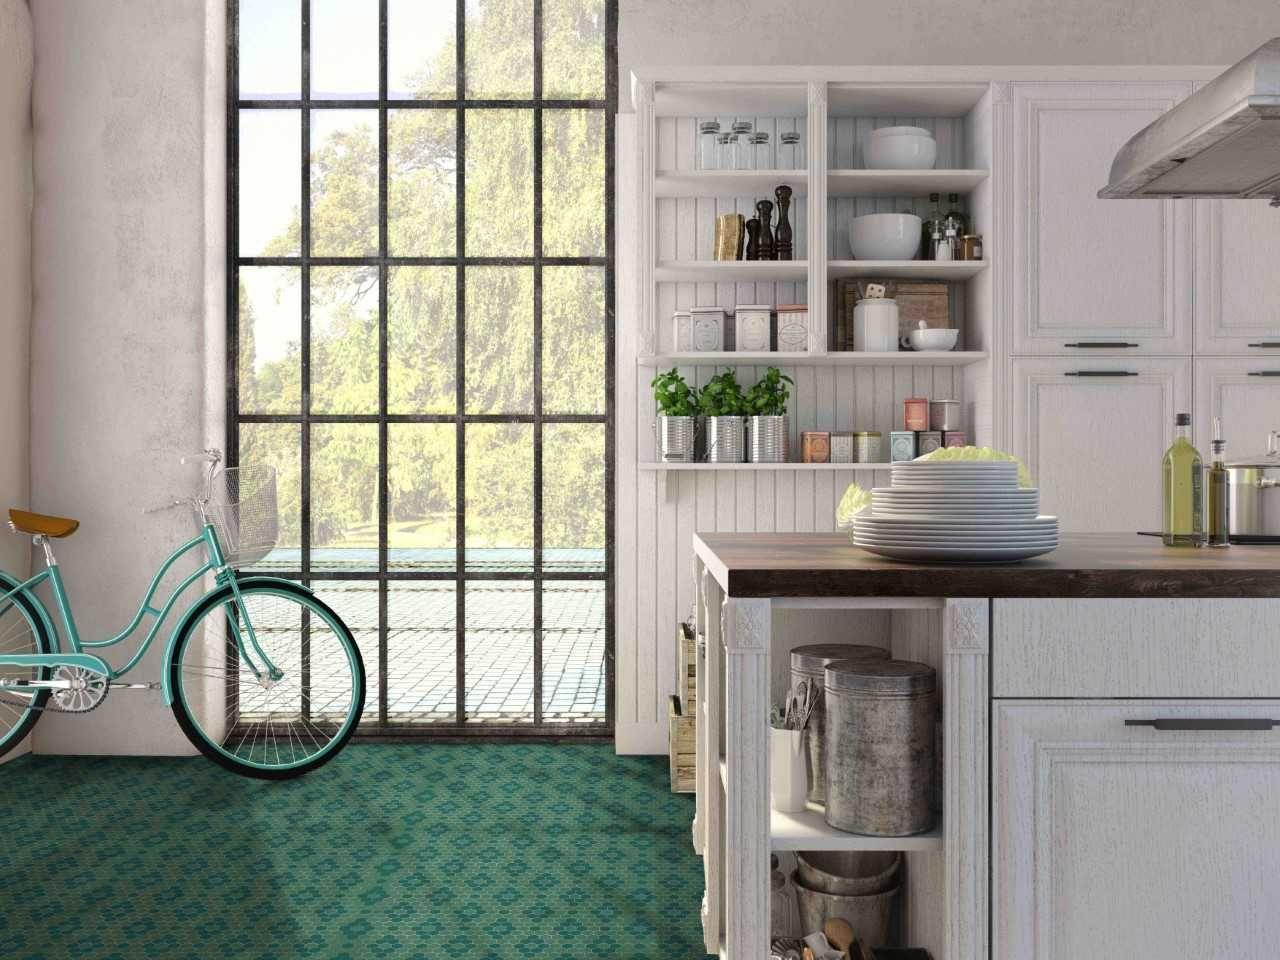 Cocina revestida con mosaico de vidrio ecológico